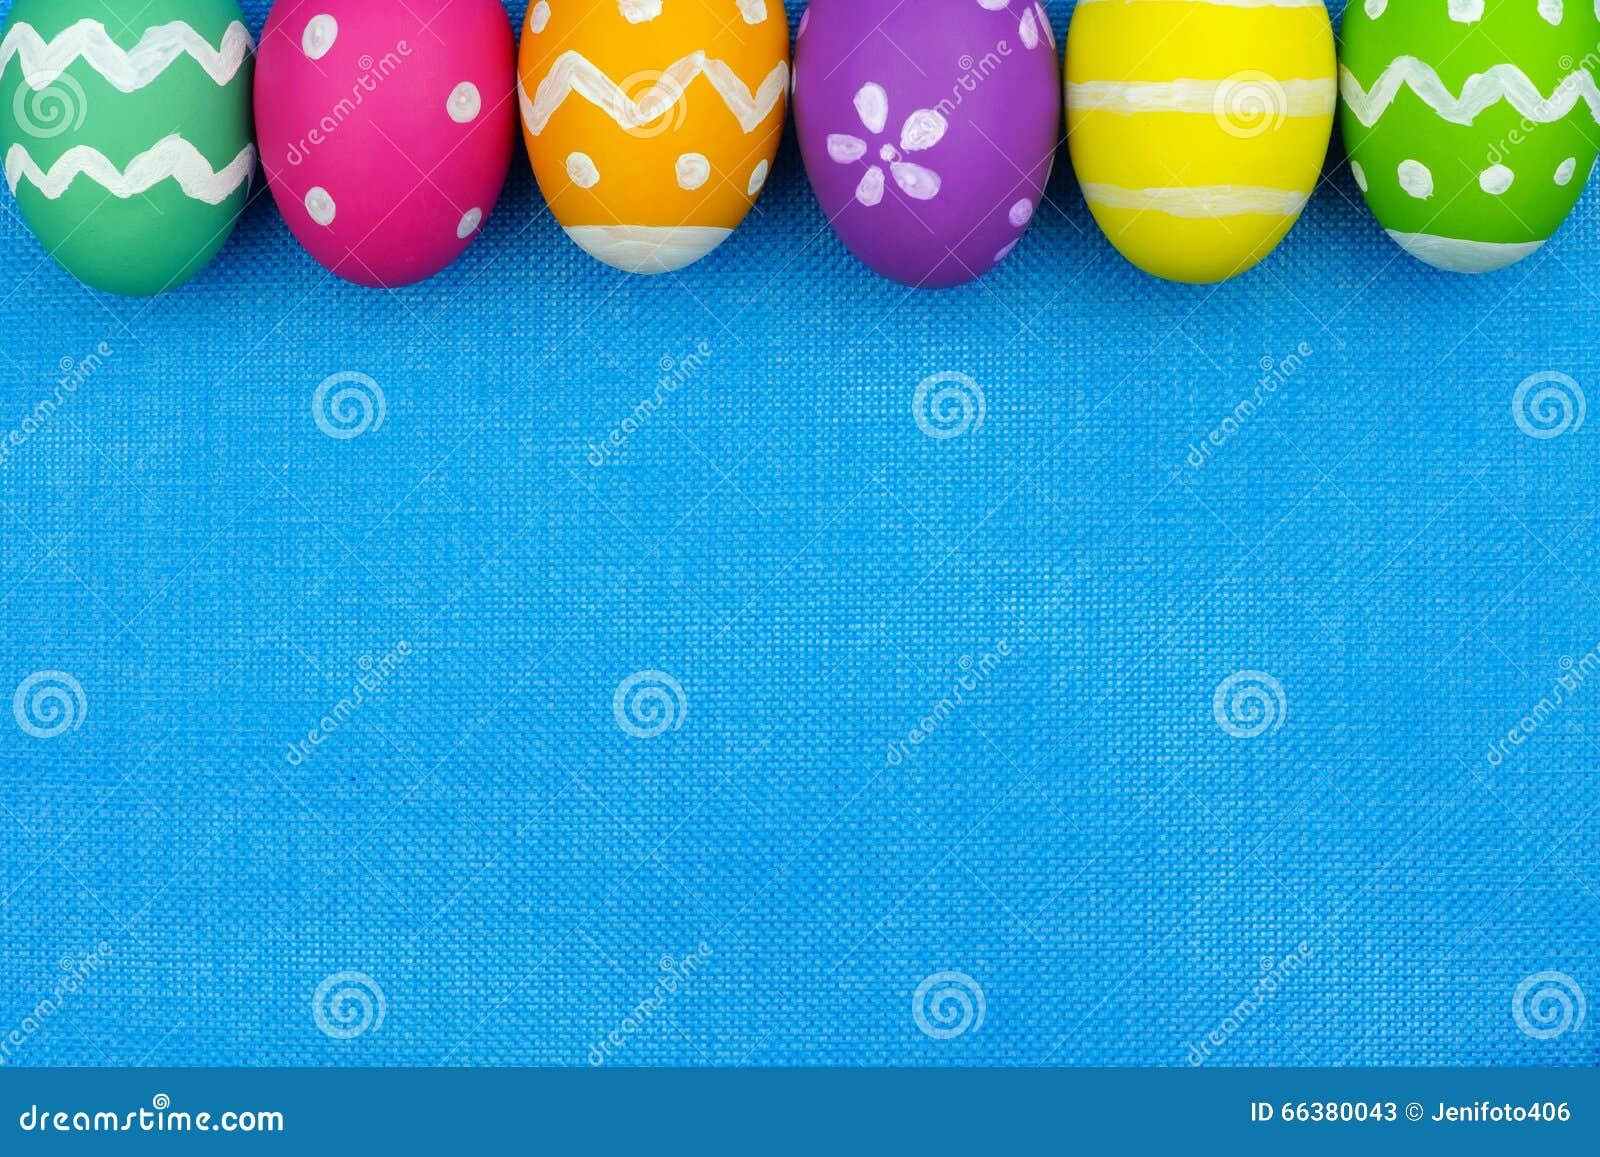 Easter egg top border over blue burlap background